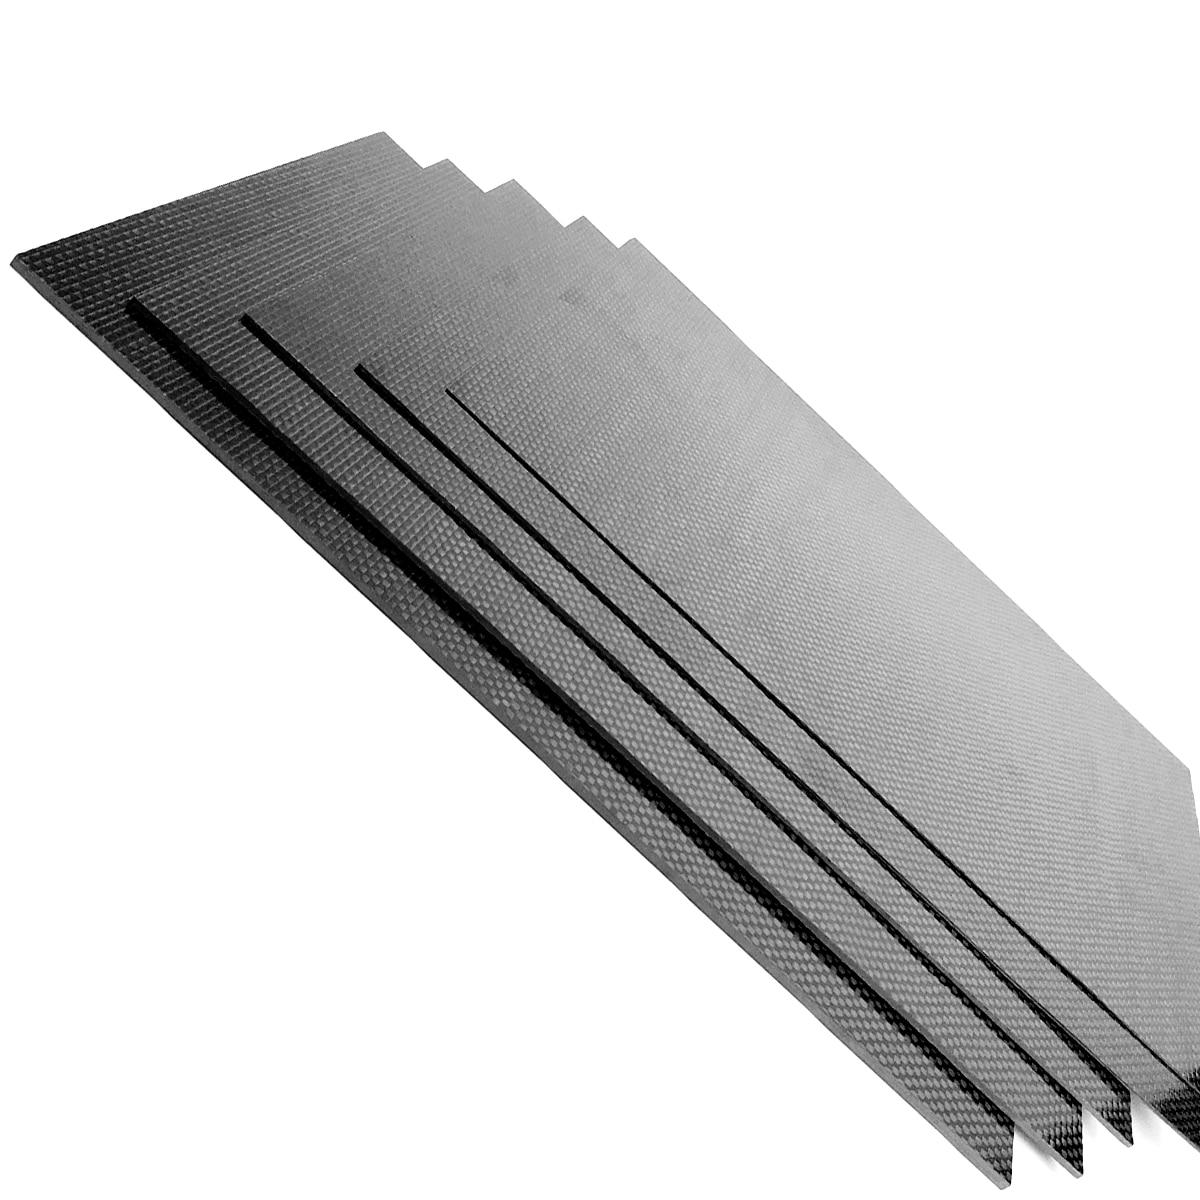 230mm X 170mm 3k Full Carbon Fiber Plate Panel 0.5/1/1.5/2/3mm Twill Weave Matt Surface Full Carbon Fiber Plate Panel Sheet